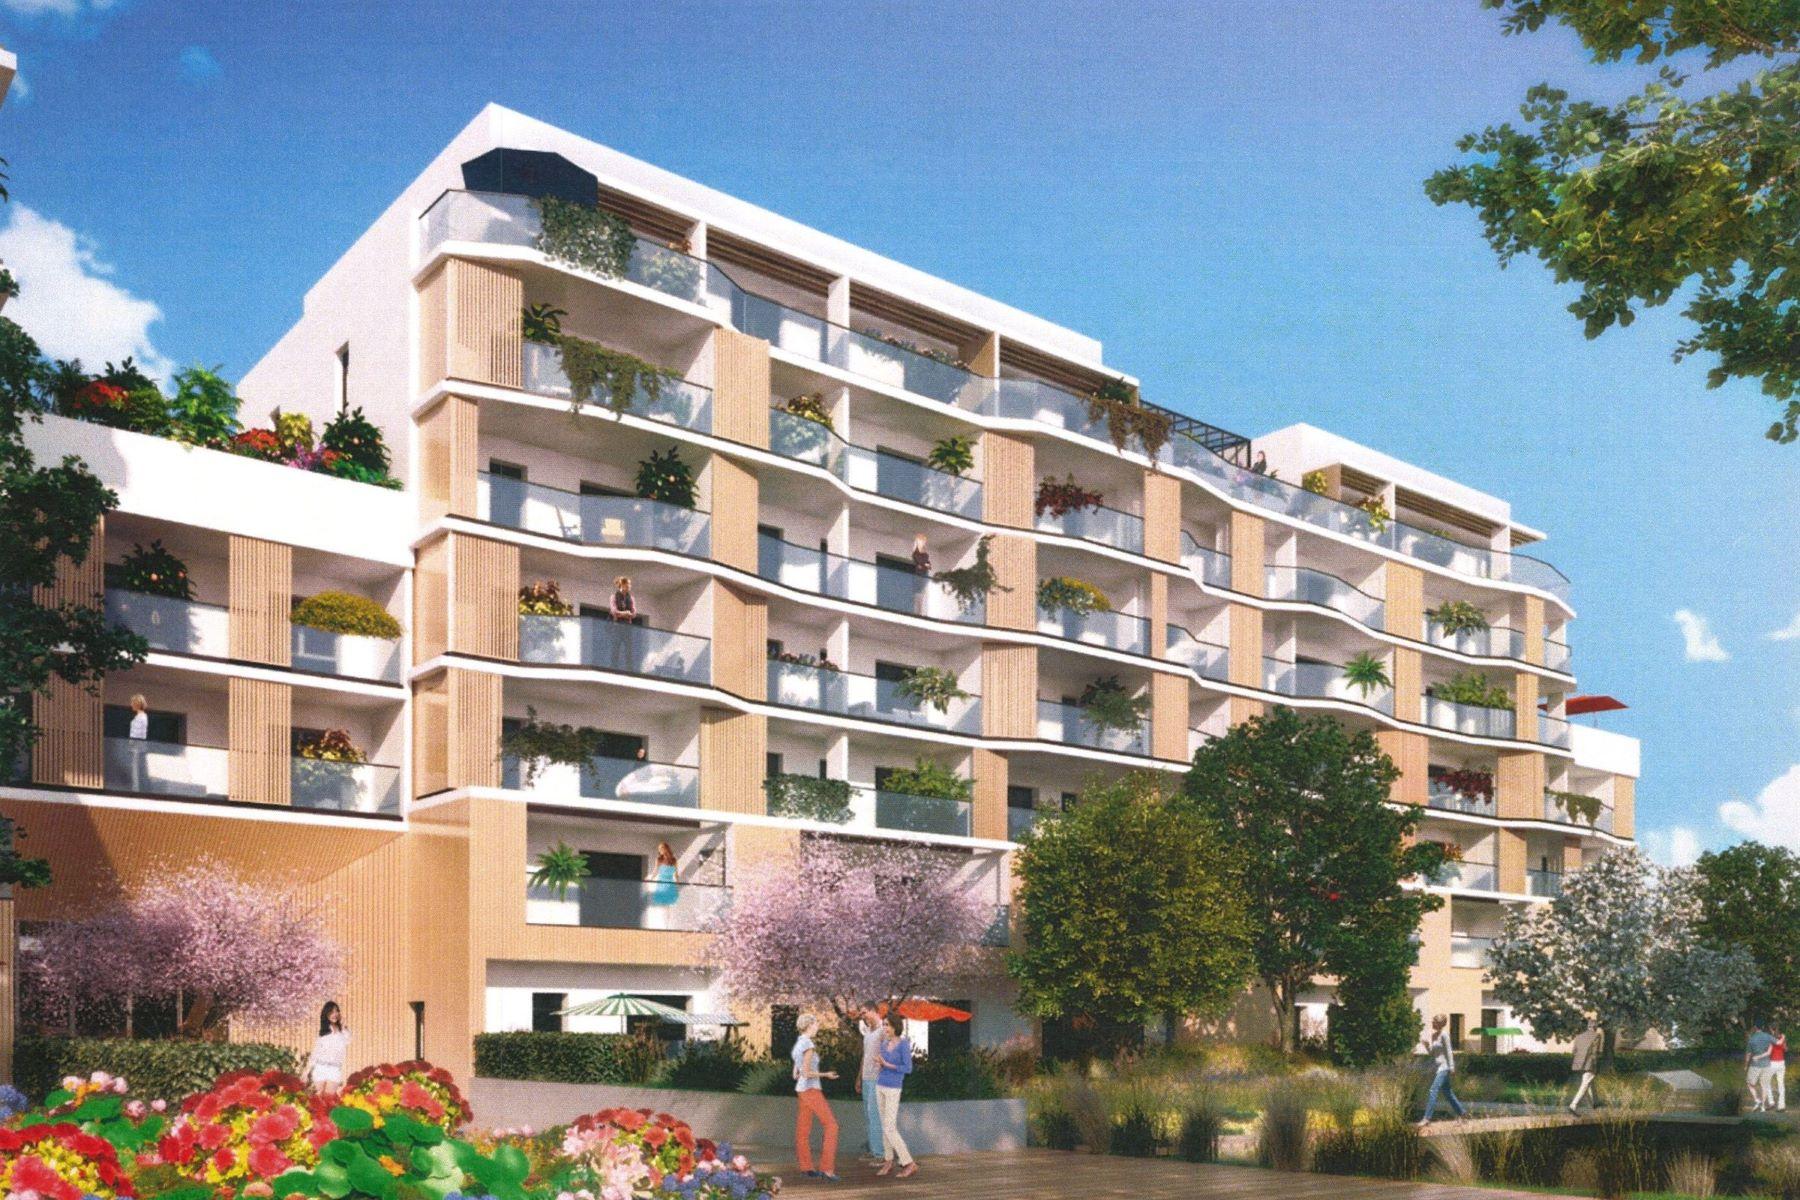 شقة للـ Sale في Appartement neuf Annecy T3 terrasse et jardin Annecy, Rhone-Alpes, 74000 France